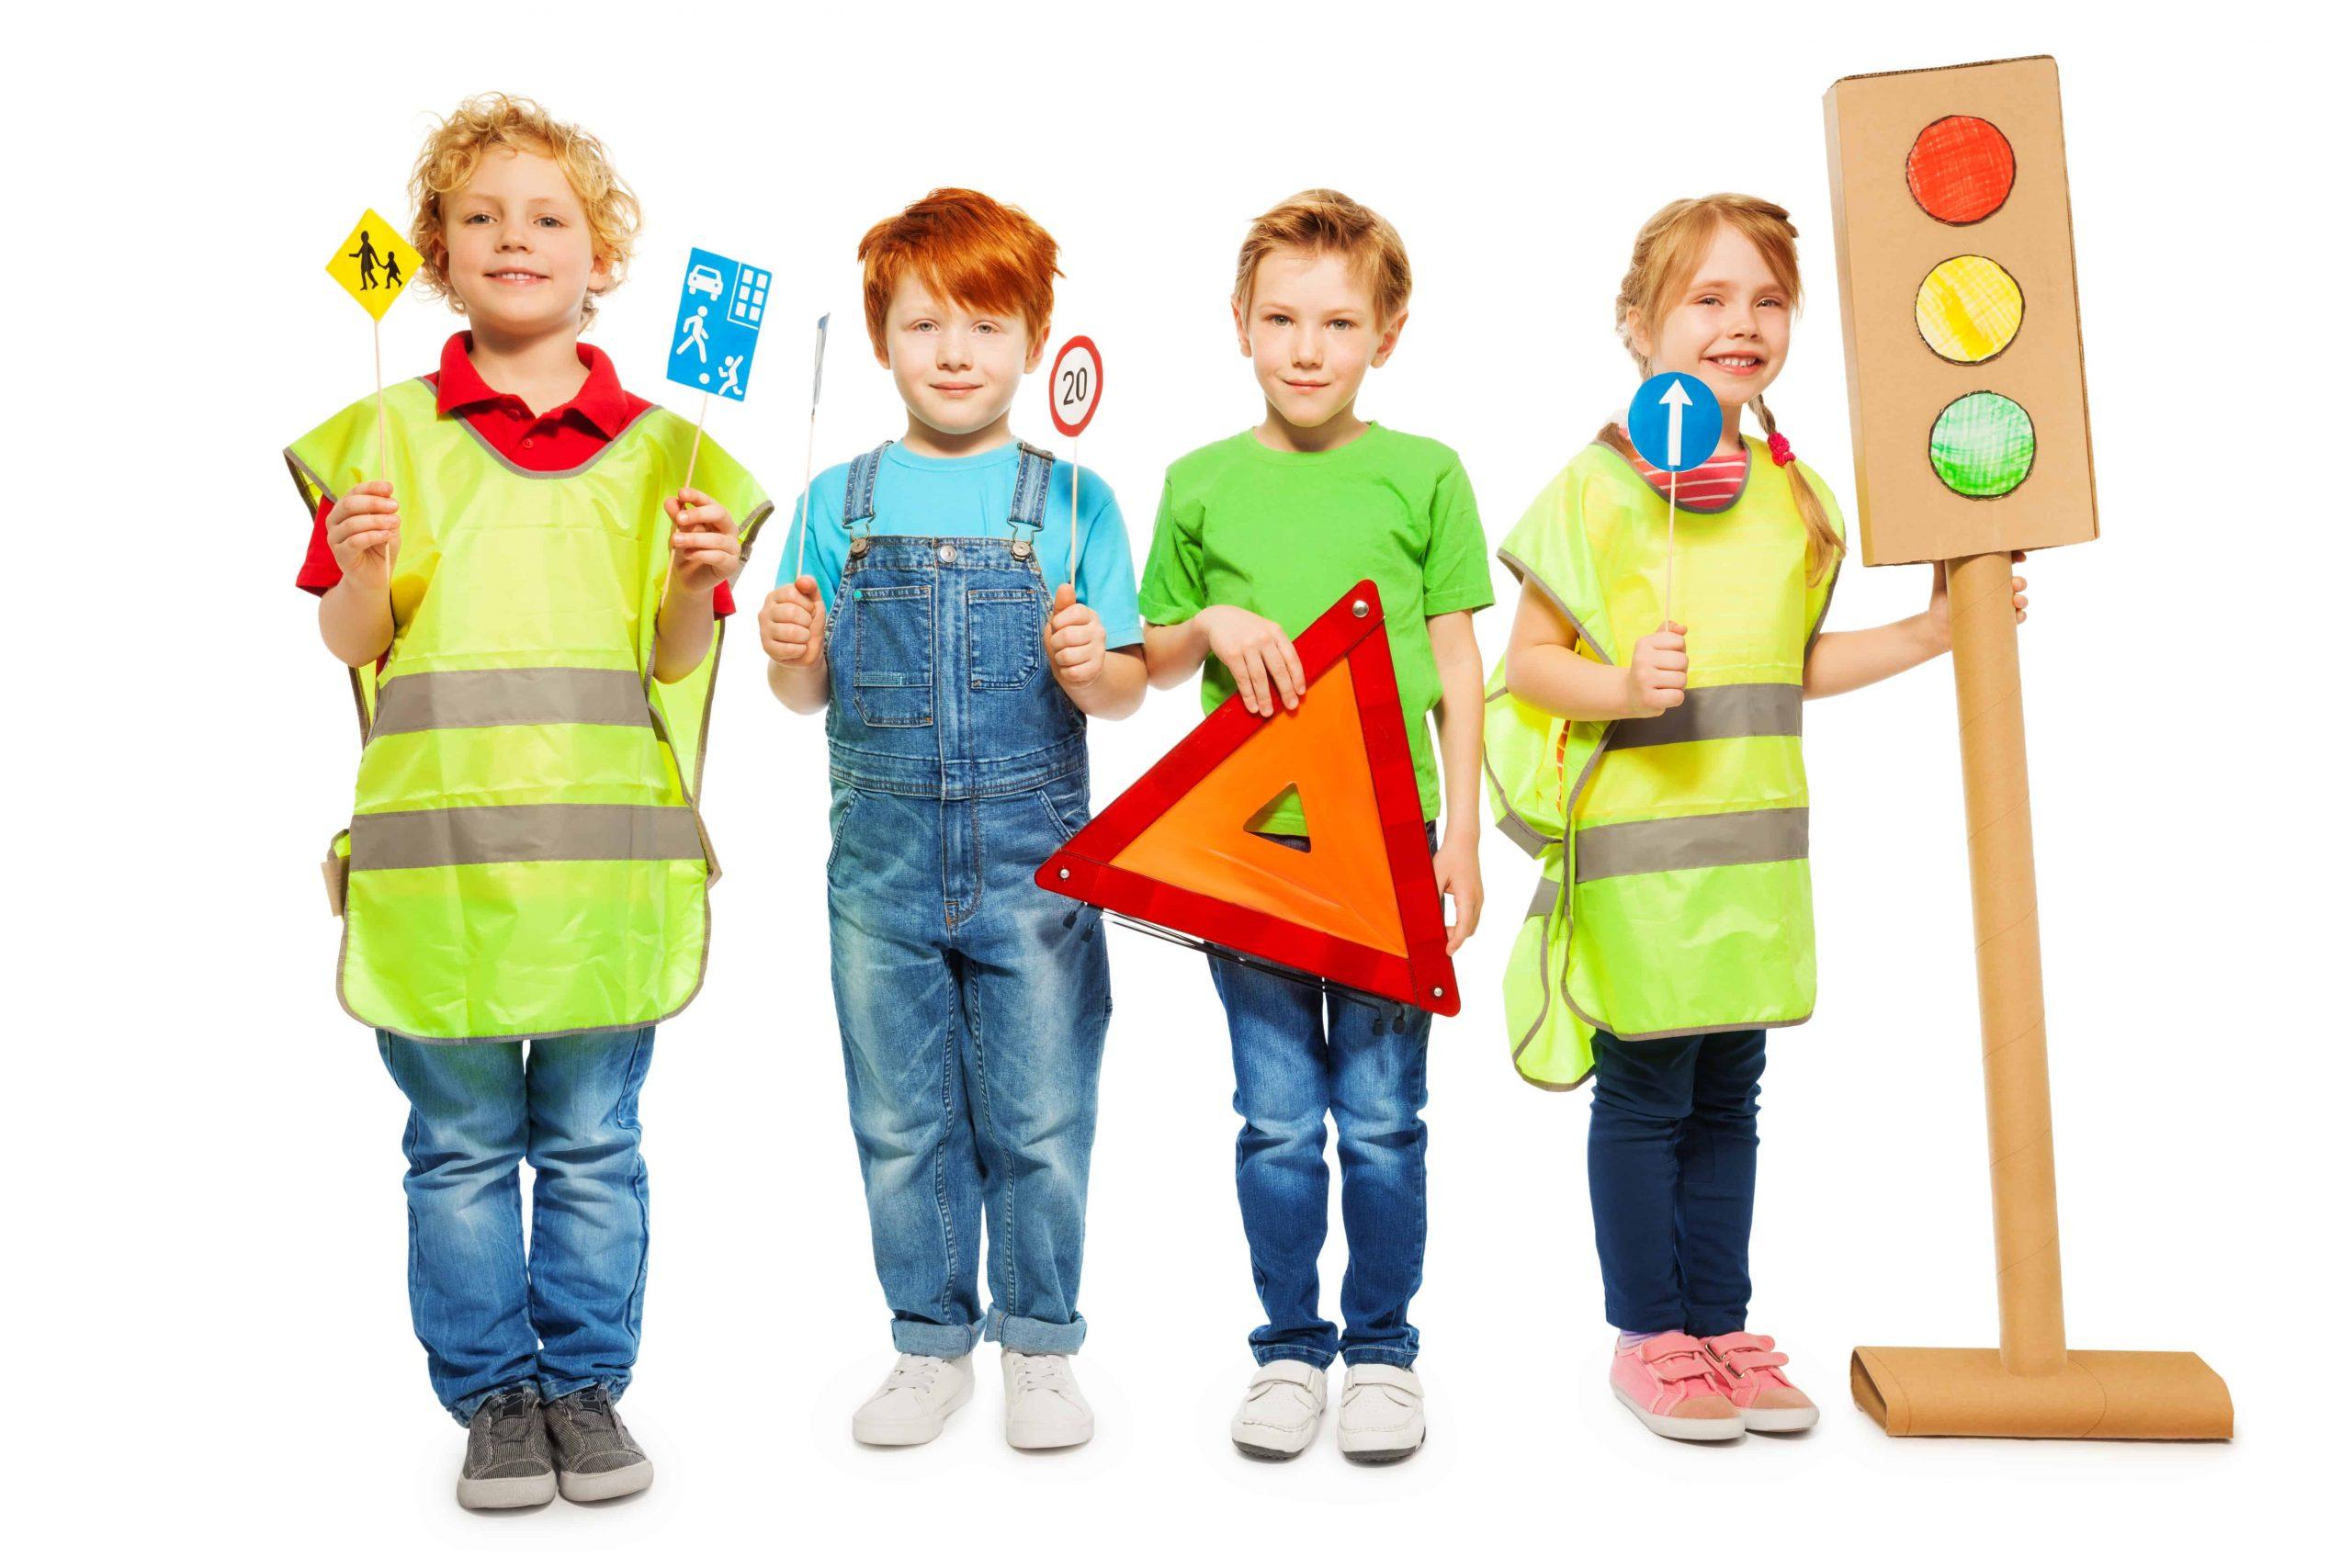 Kinderwarnweste: Test & Empfehlungen (04/21)